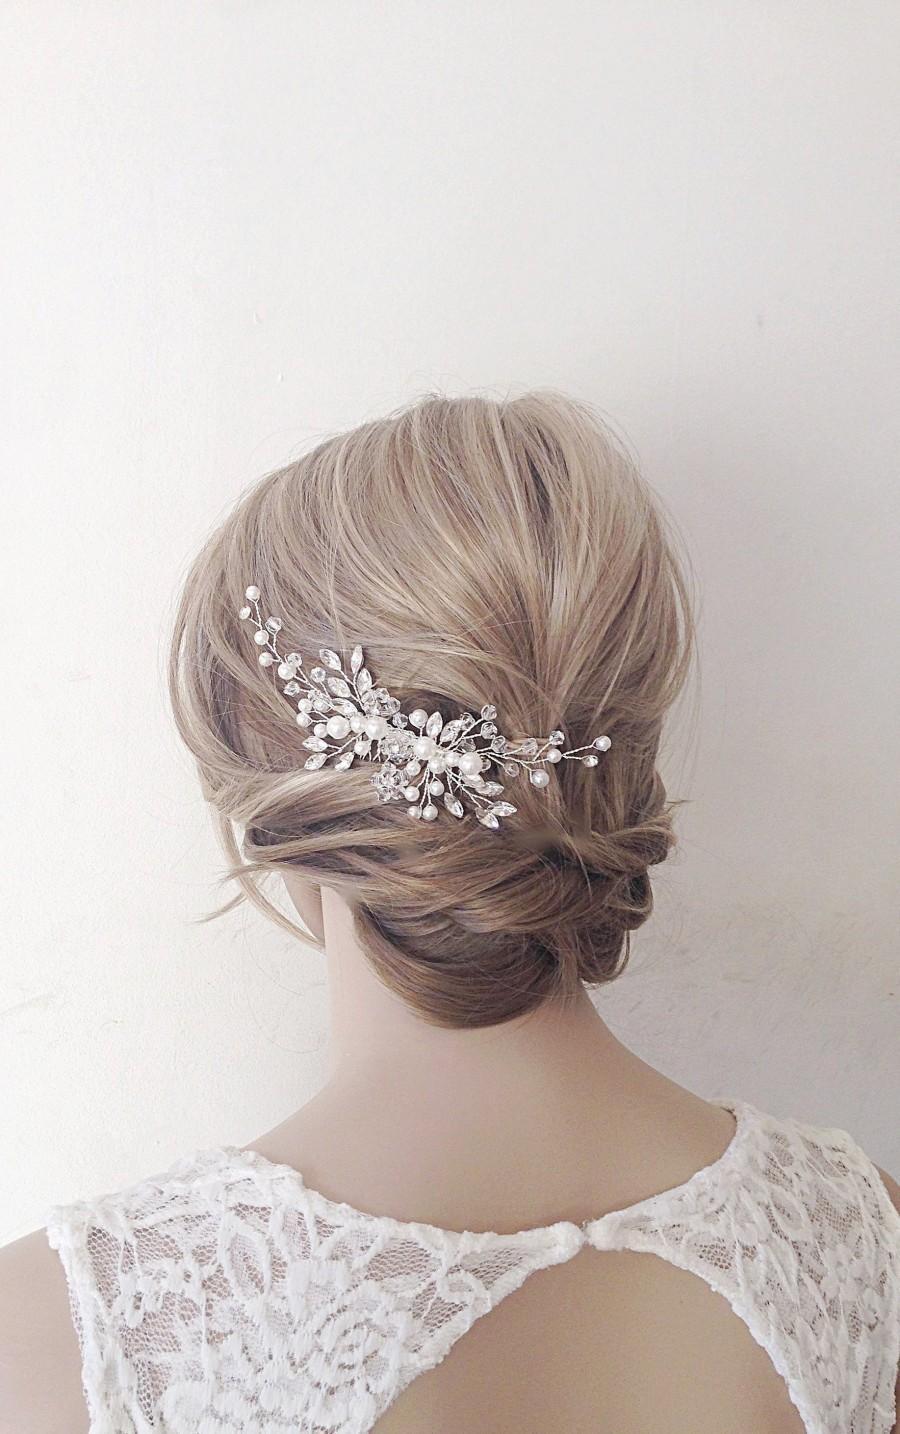 Wedding - Bridal hair comb,bridal hair piece,bridal headpiece,bridal hair vine,wedding hair piece,wedding hair comb,wedding headpiece,pearl hair vine